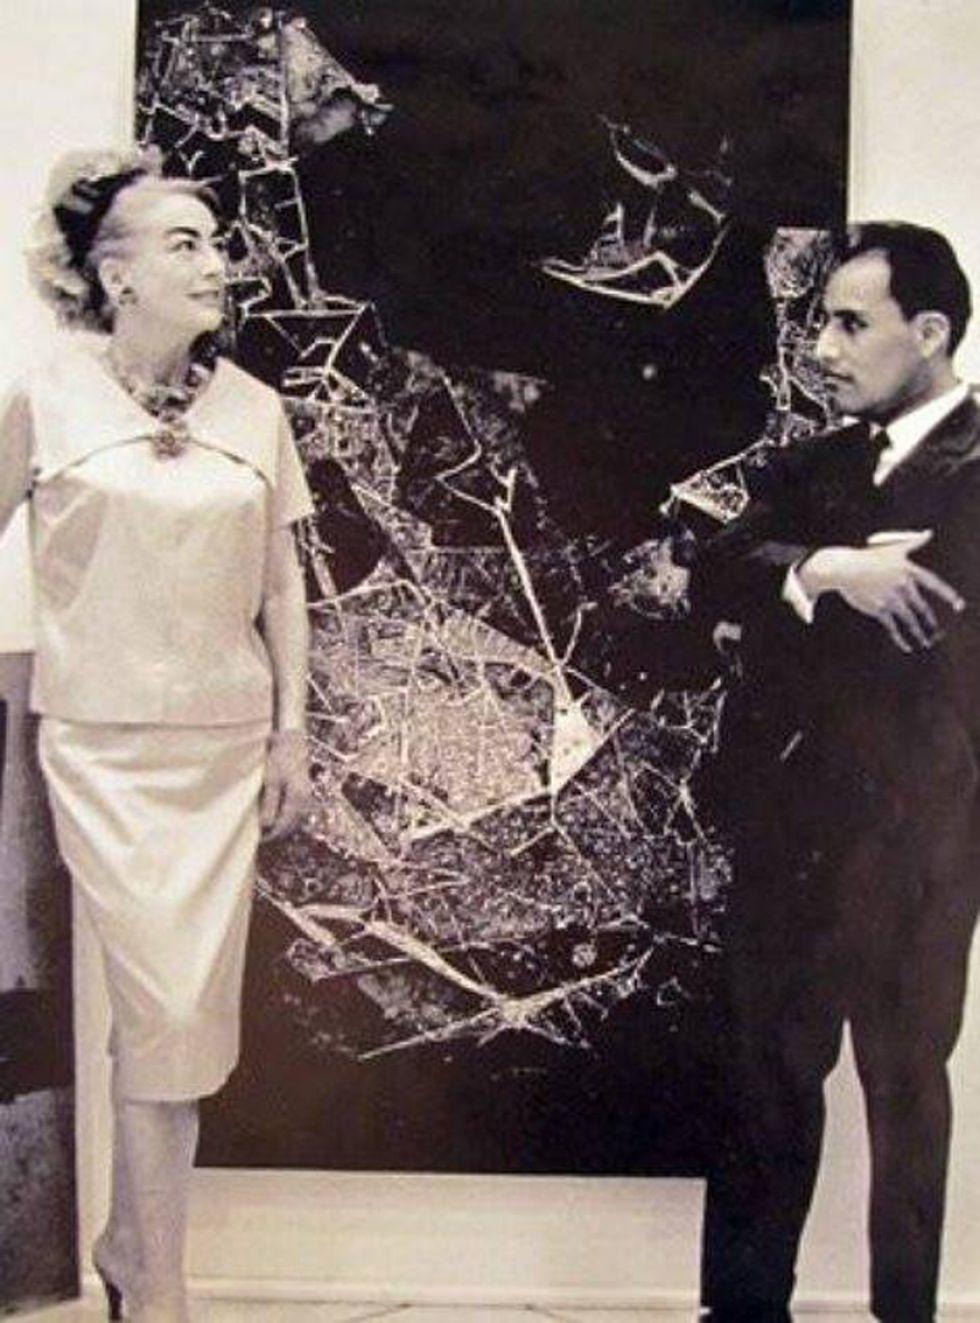 la actriz Joan Crawford luego de comprar una pintura de Alfredo (der.).